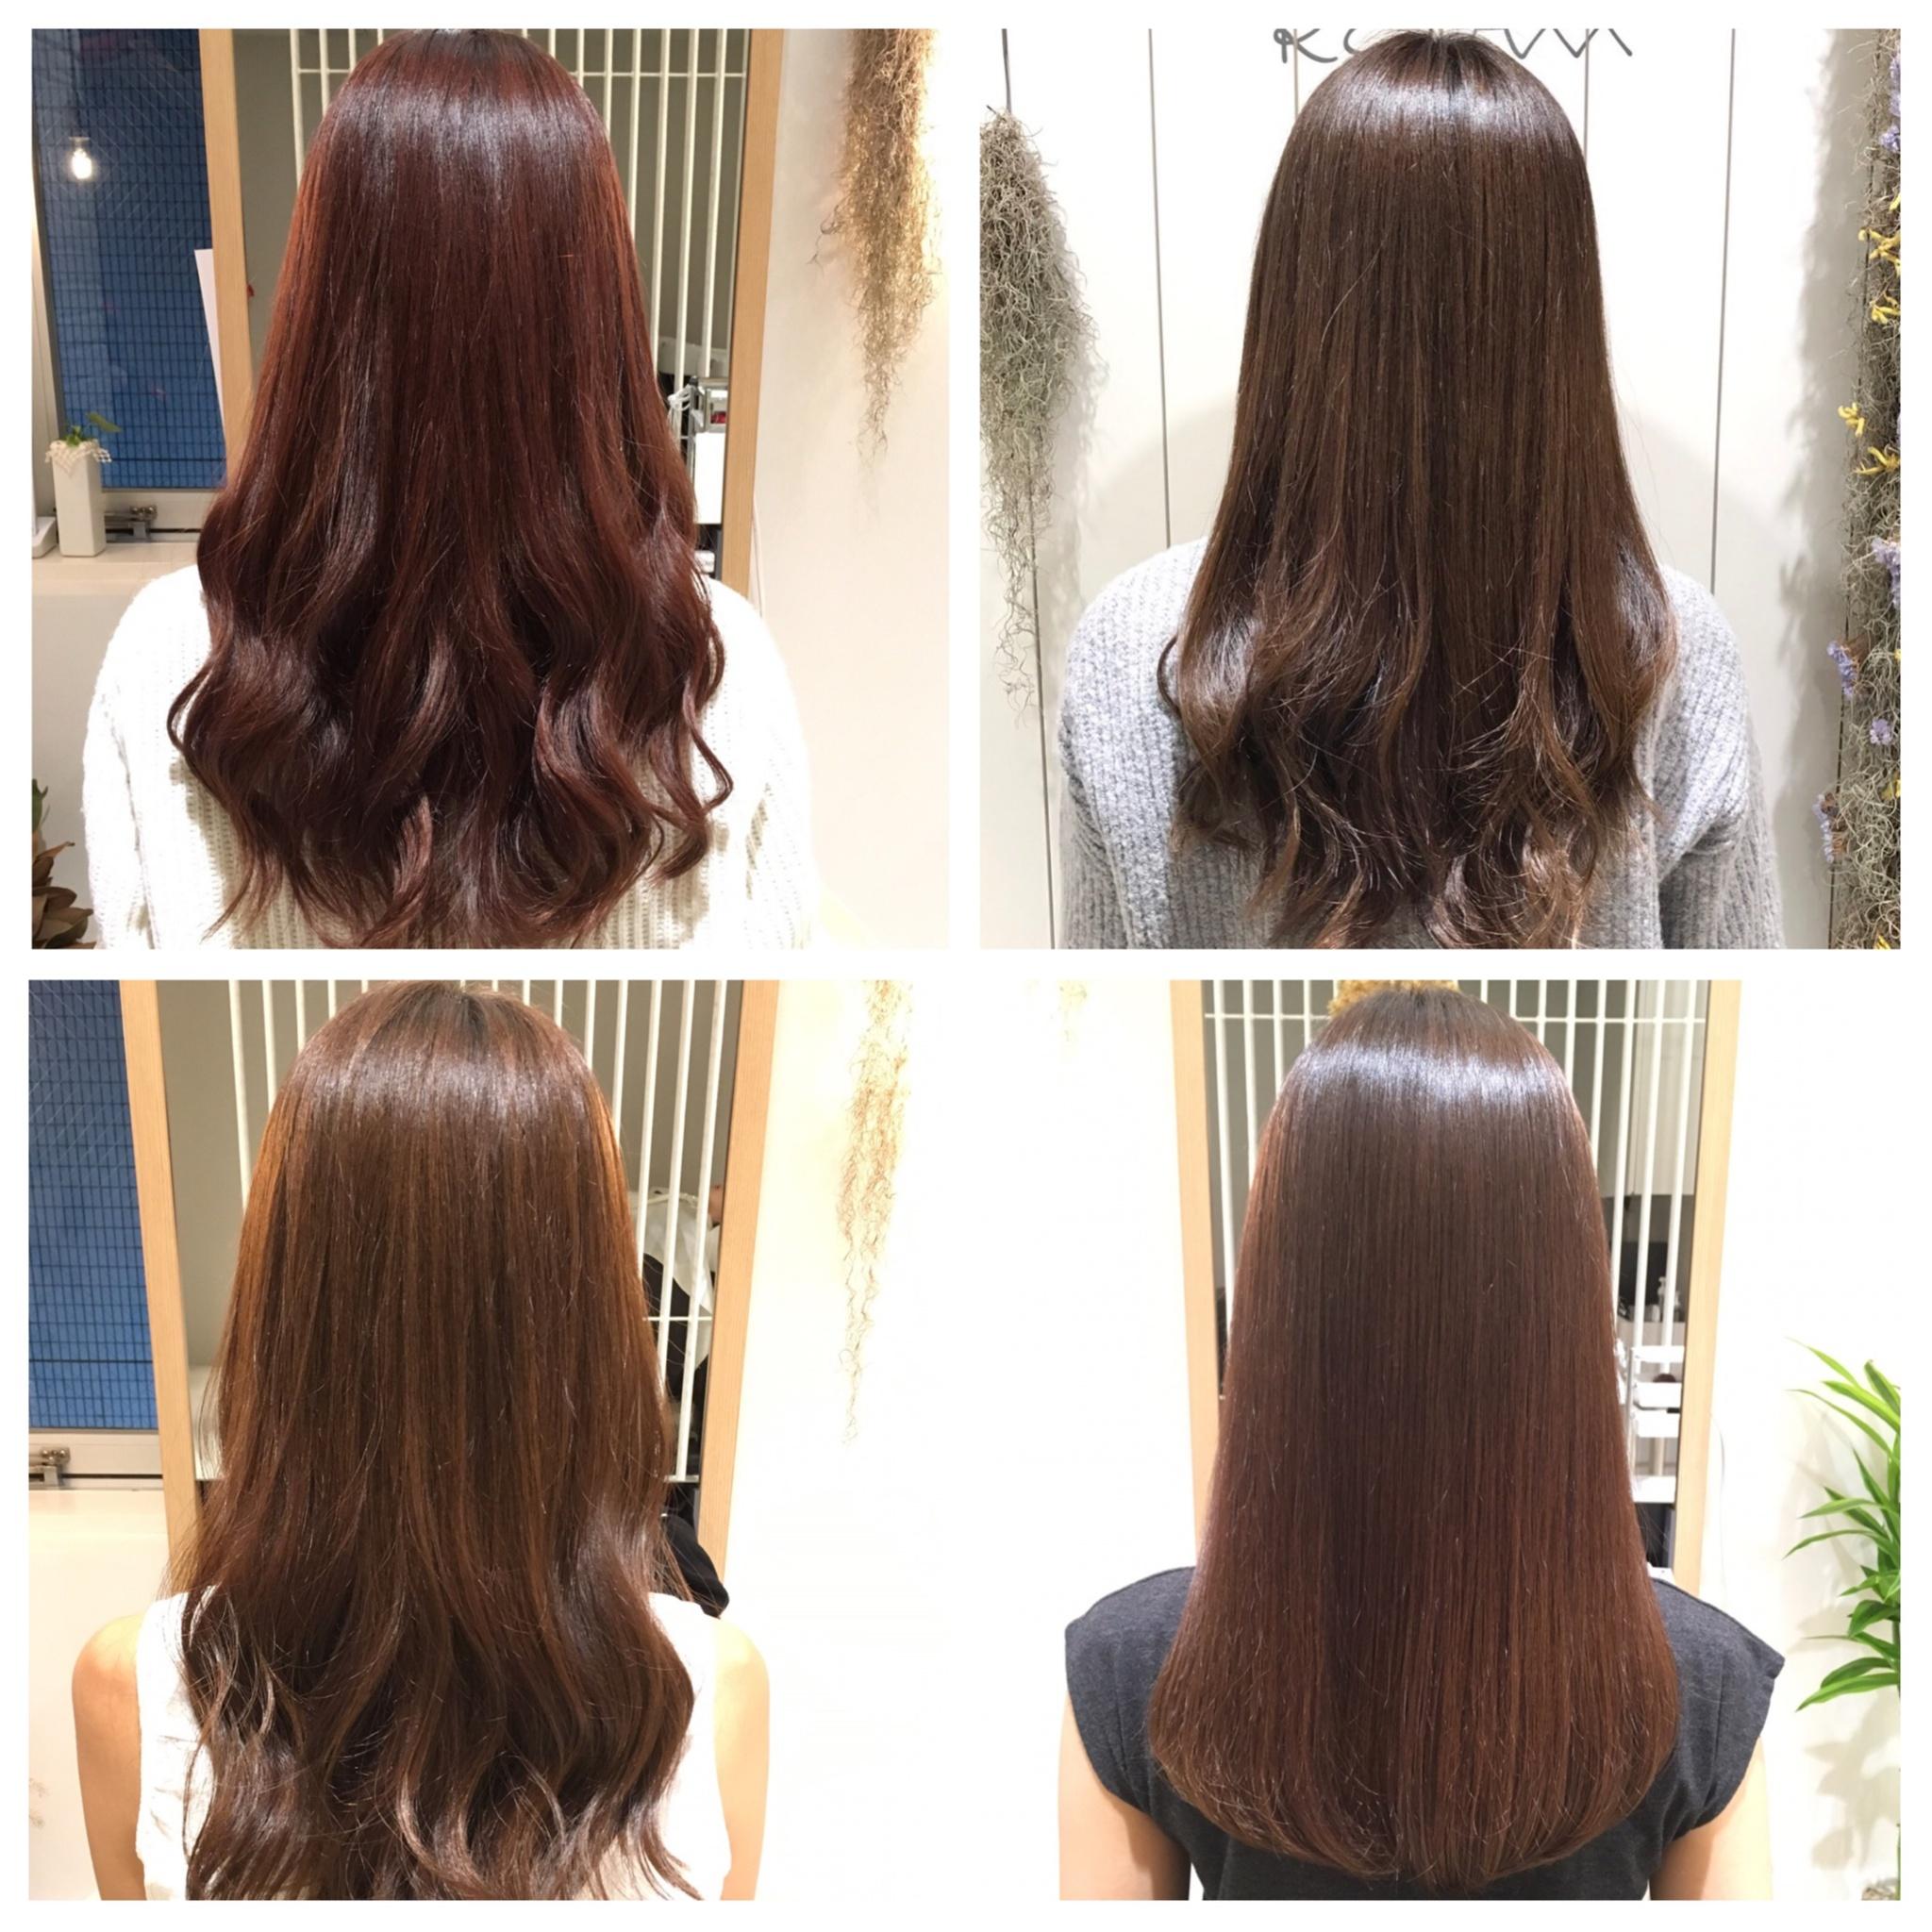 【ビューティー▶︎ヘア】ロングヘアの私がいつもうるつや髪なわけとは…?_1